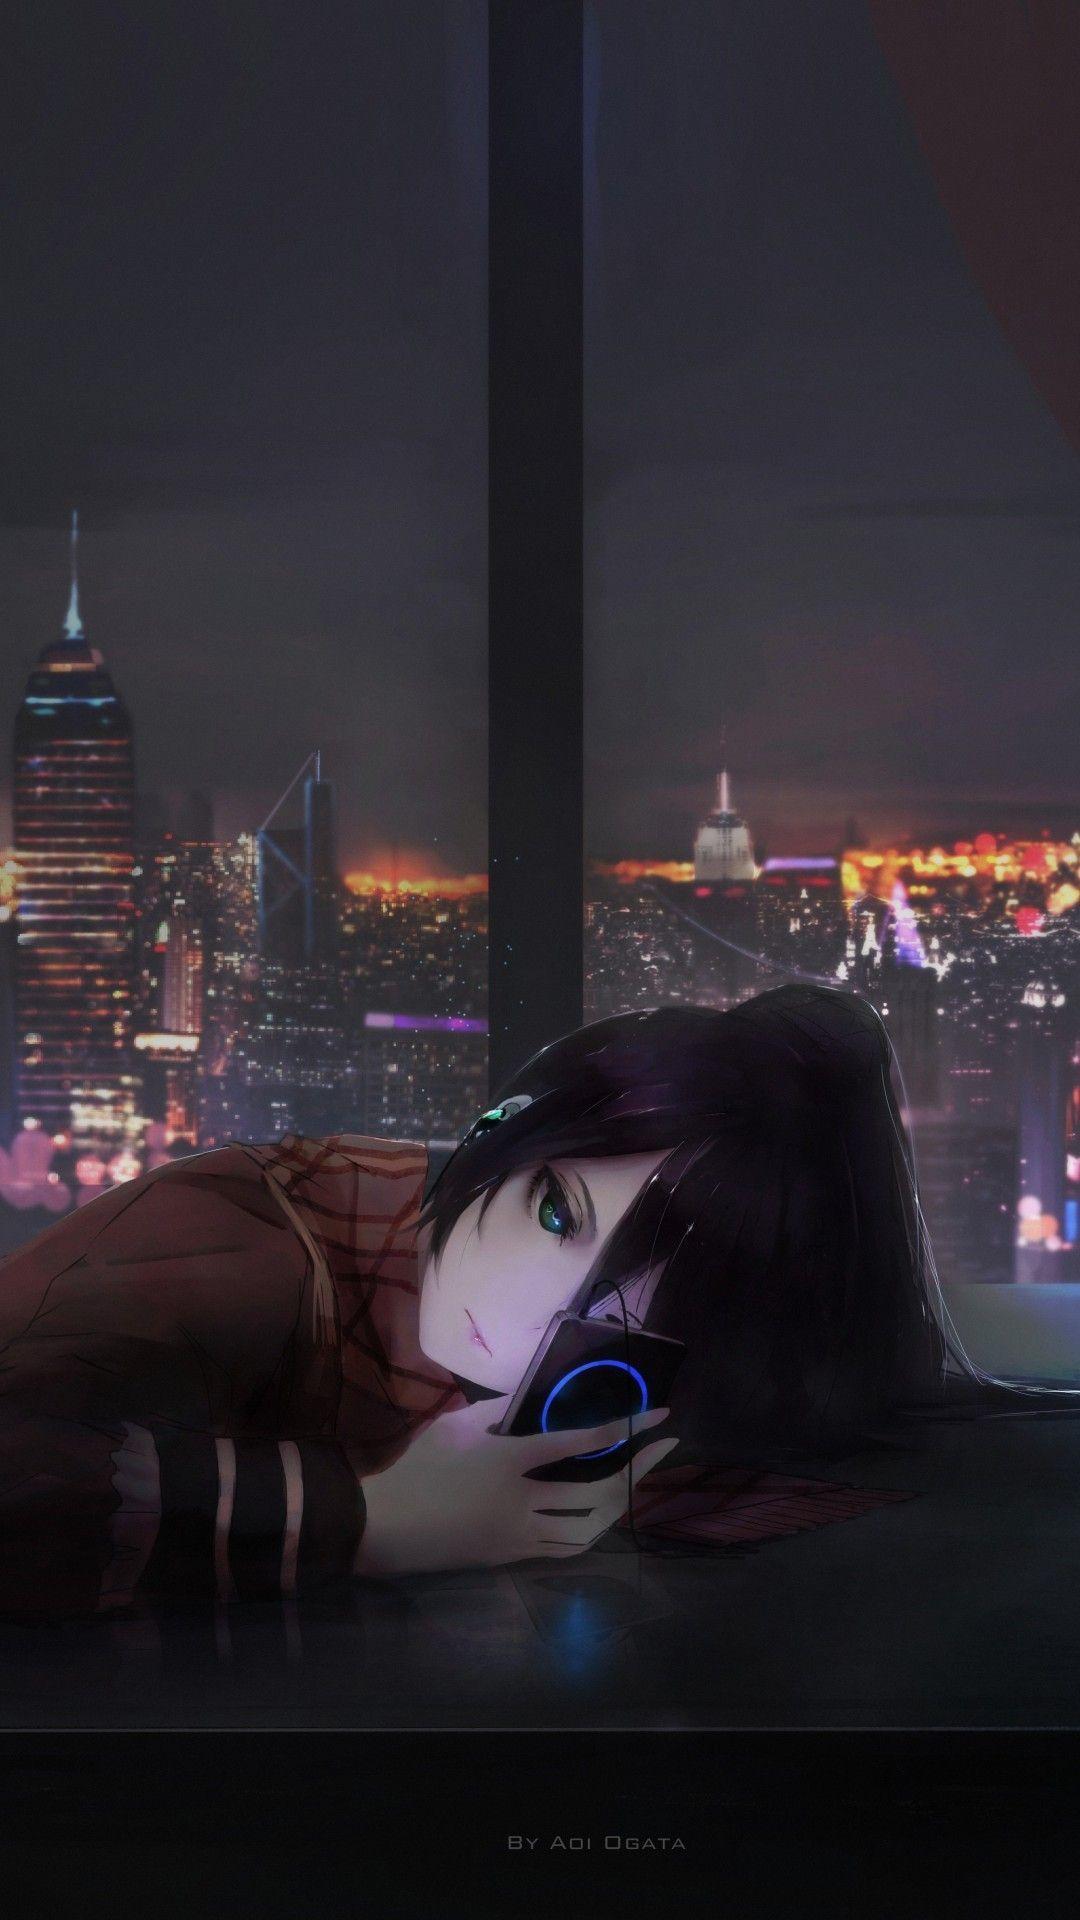 Depressing Anime Wallpapers - Top Free Depressing Anime ...